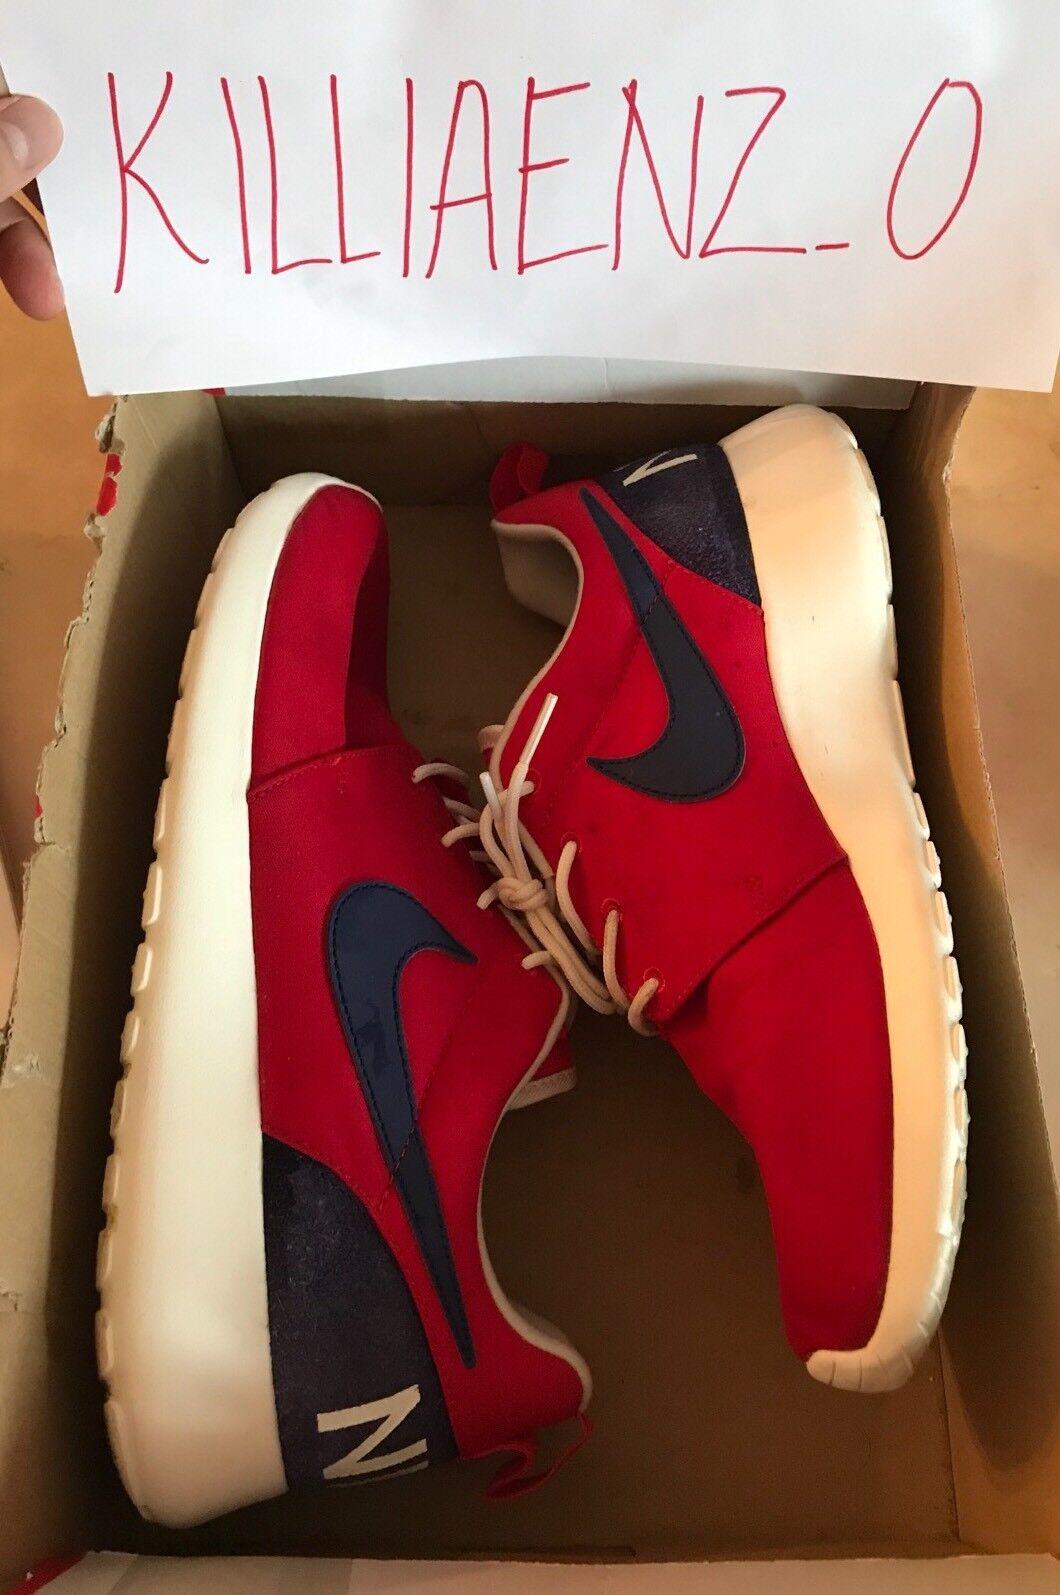 c001d643e0cd2 roshe chaussures un nike rouge un chaussures dispositif hommes nous sz 9,5  100%